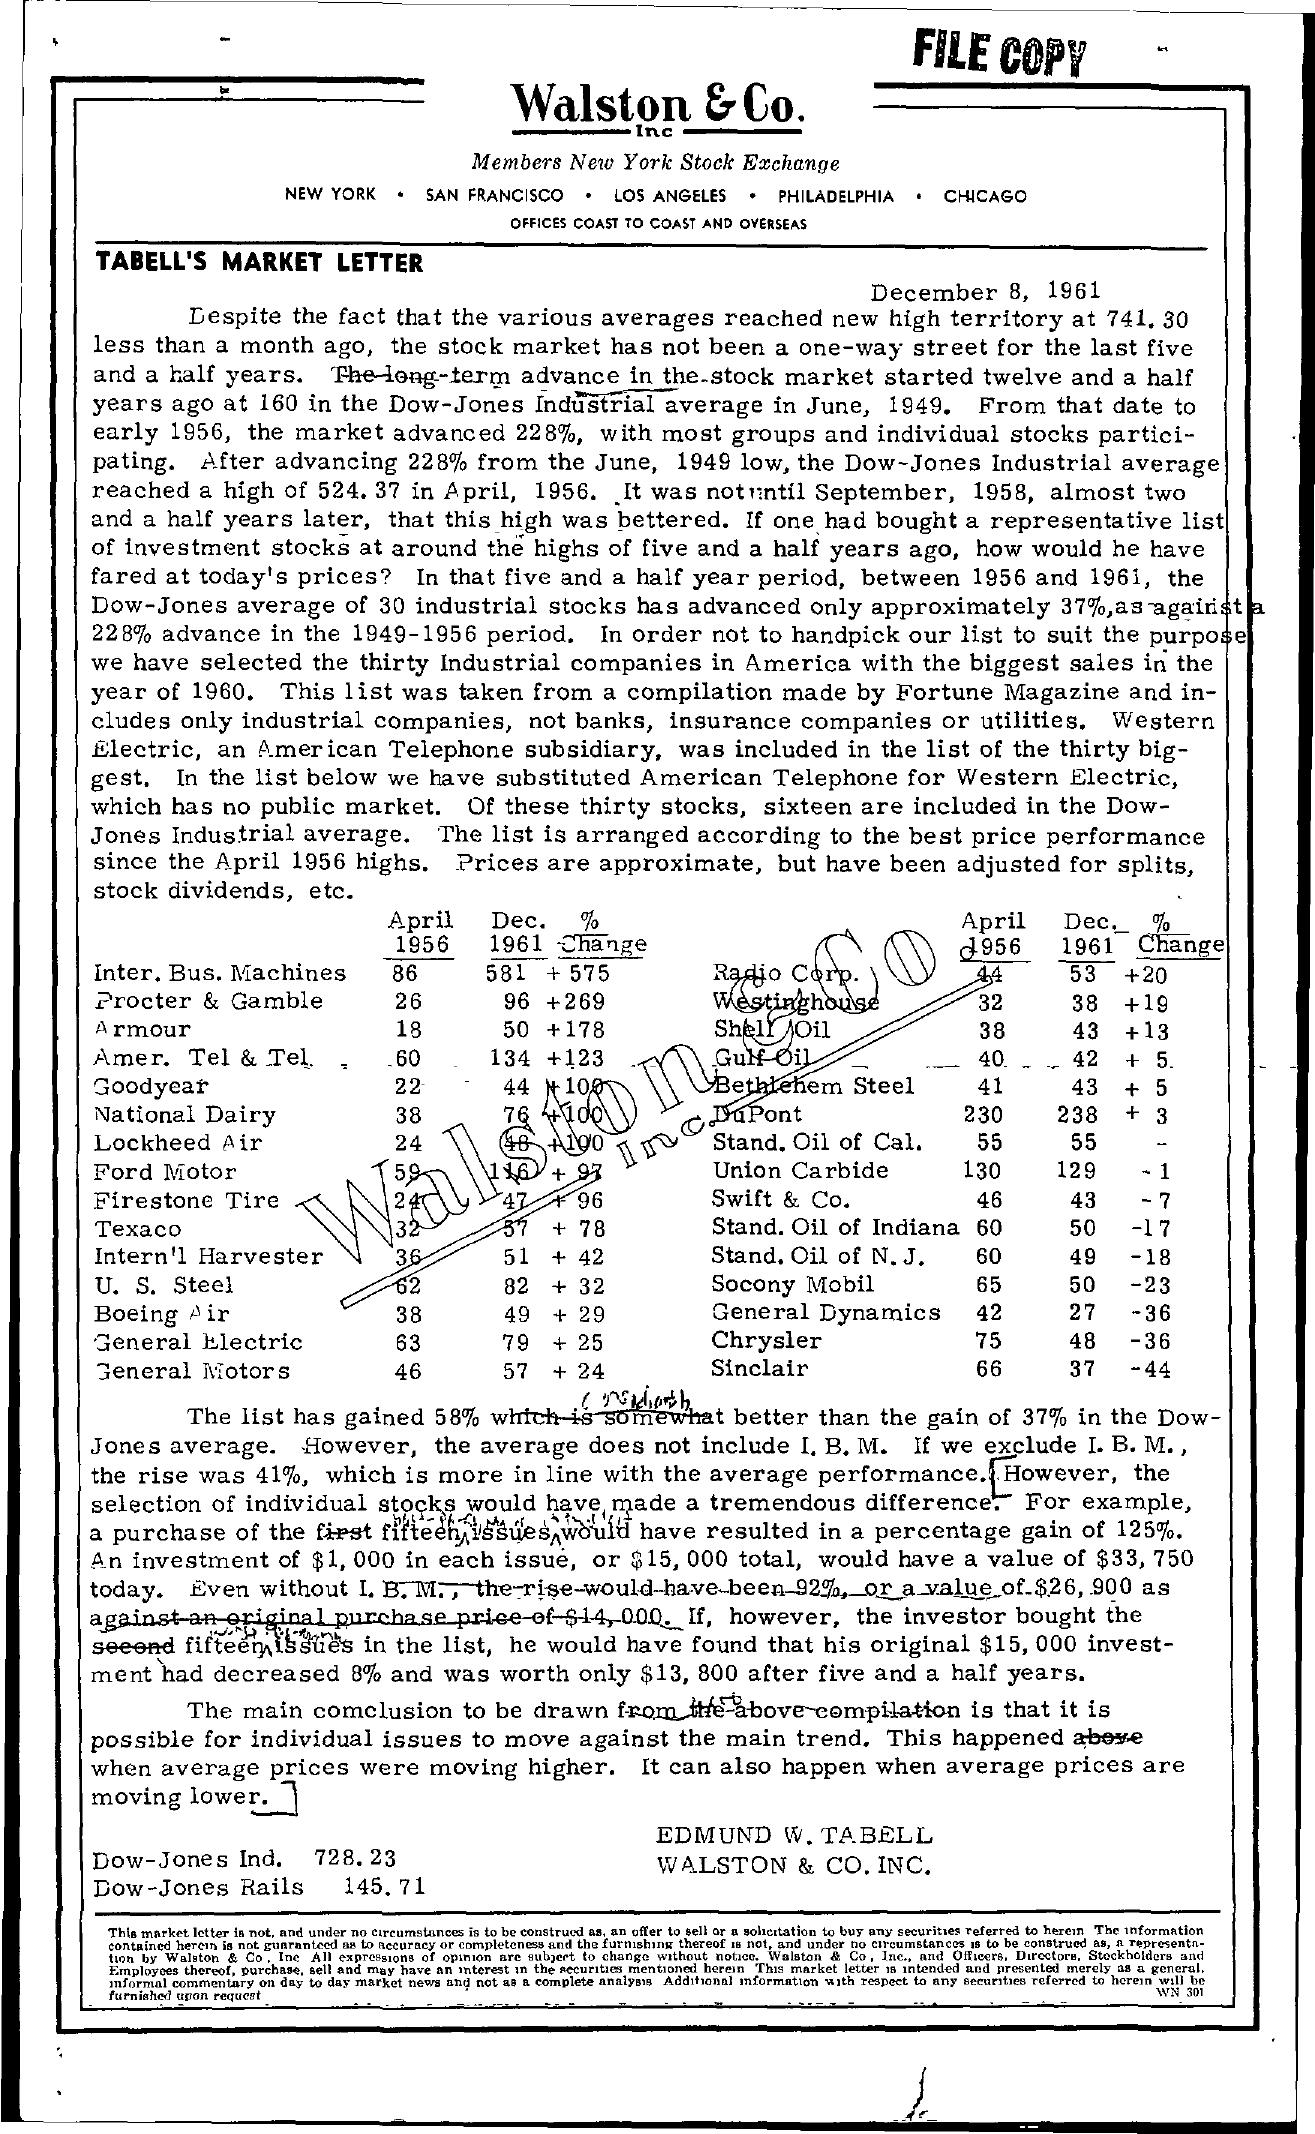 Tabell's Market Letter - December 08, 1961